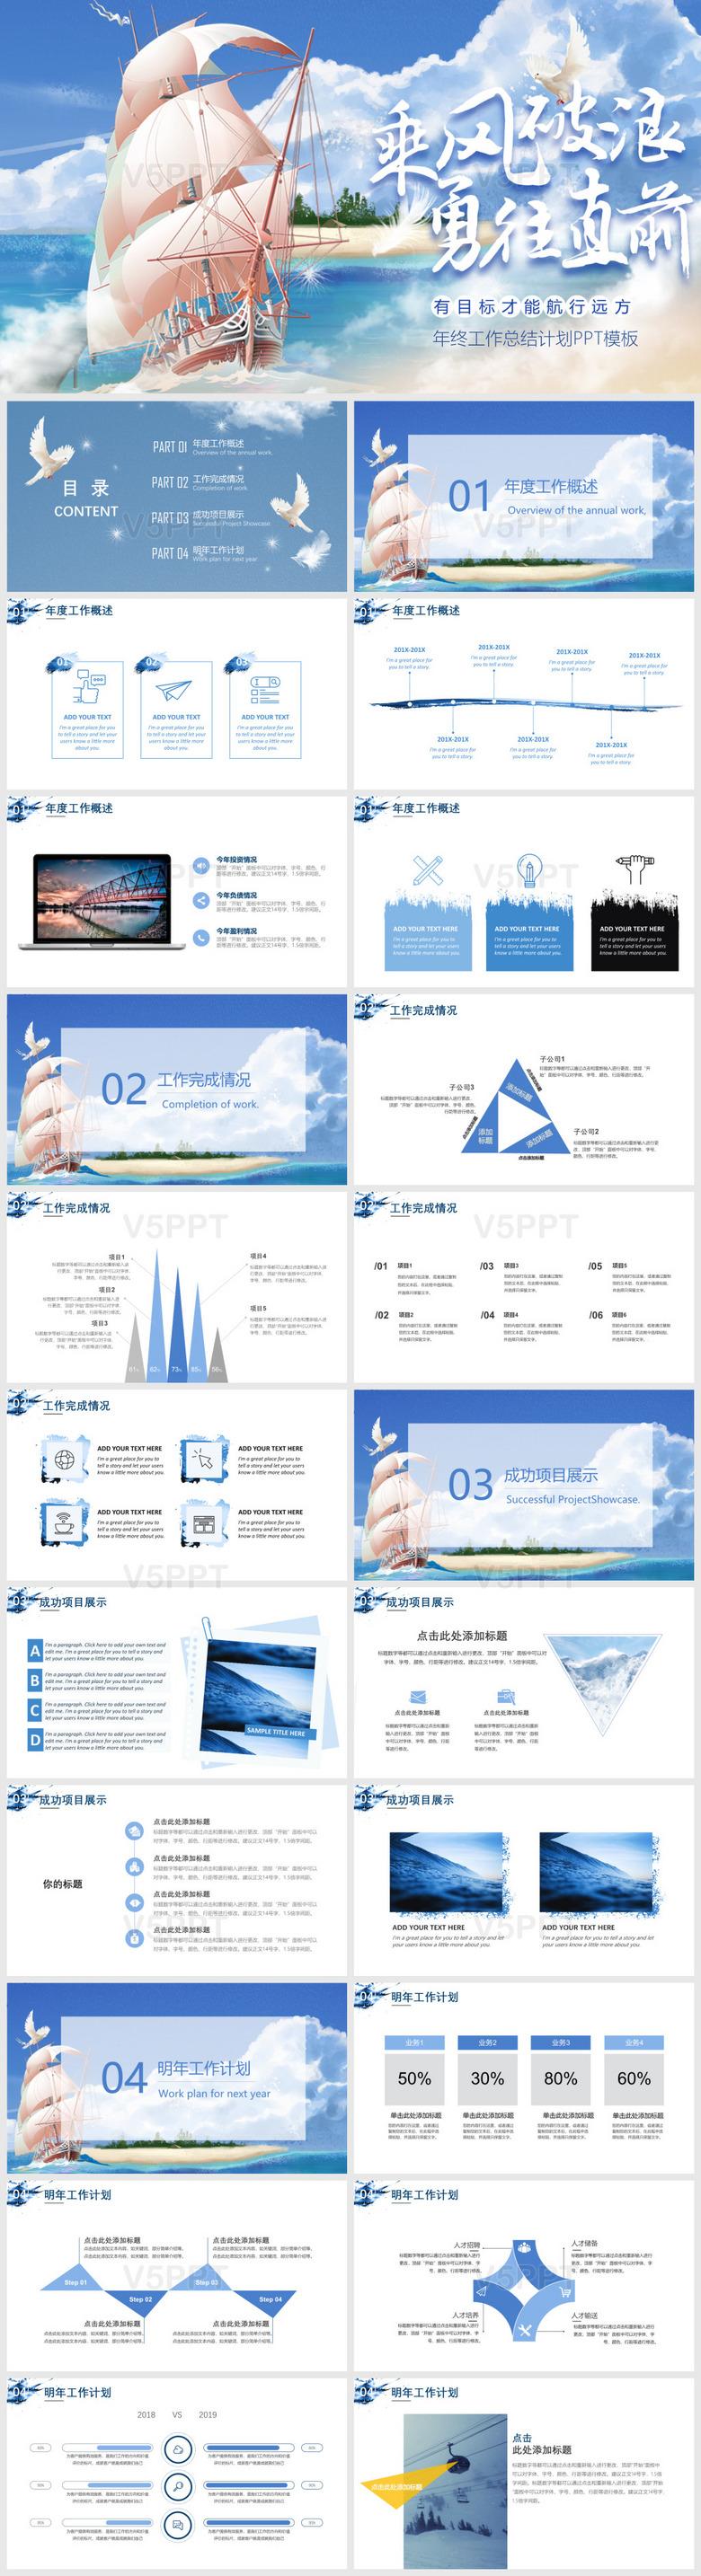 乘风破浪蓝色商务年终工作总结汇报计划PPT模板